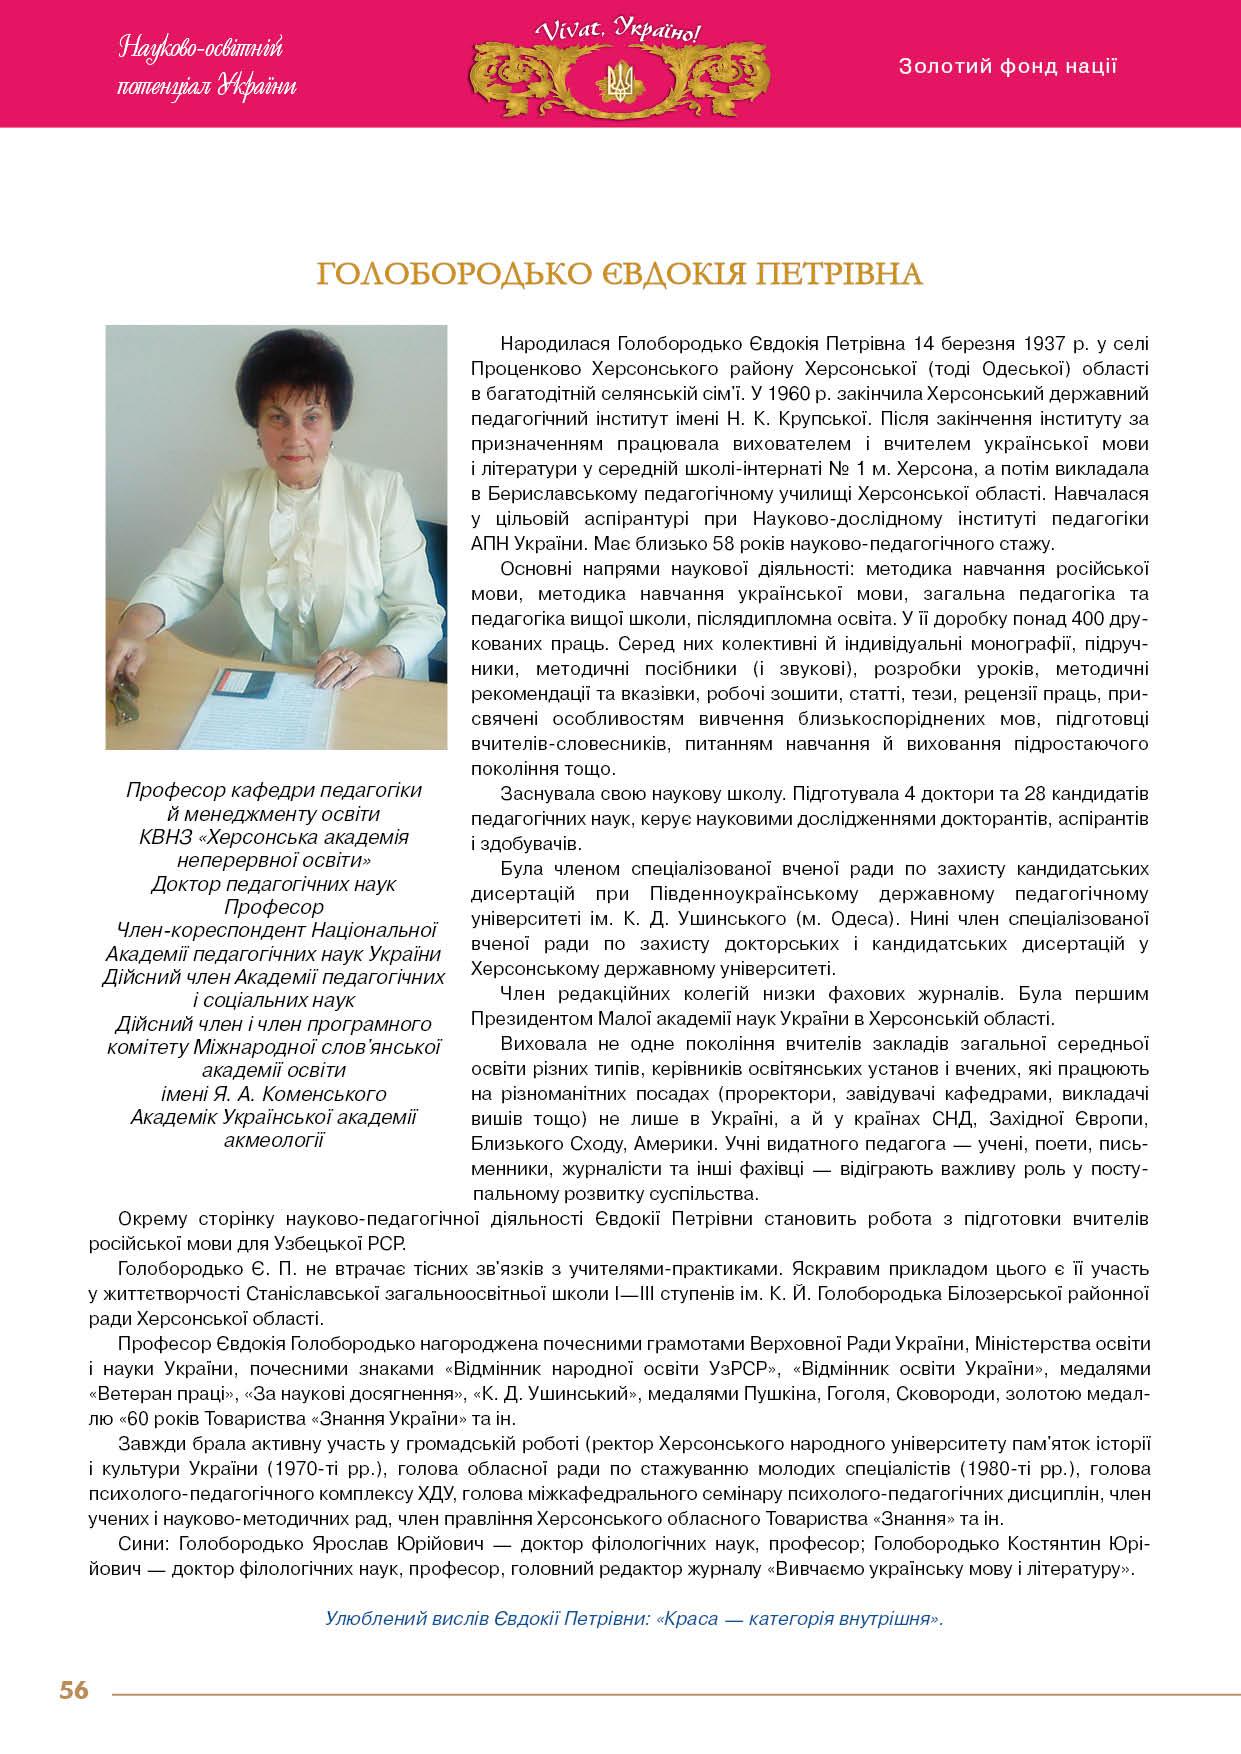 Голобородько Євдокія Петрівна